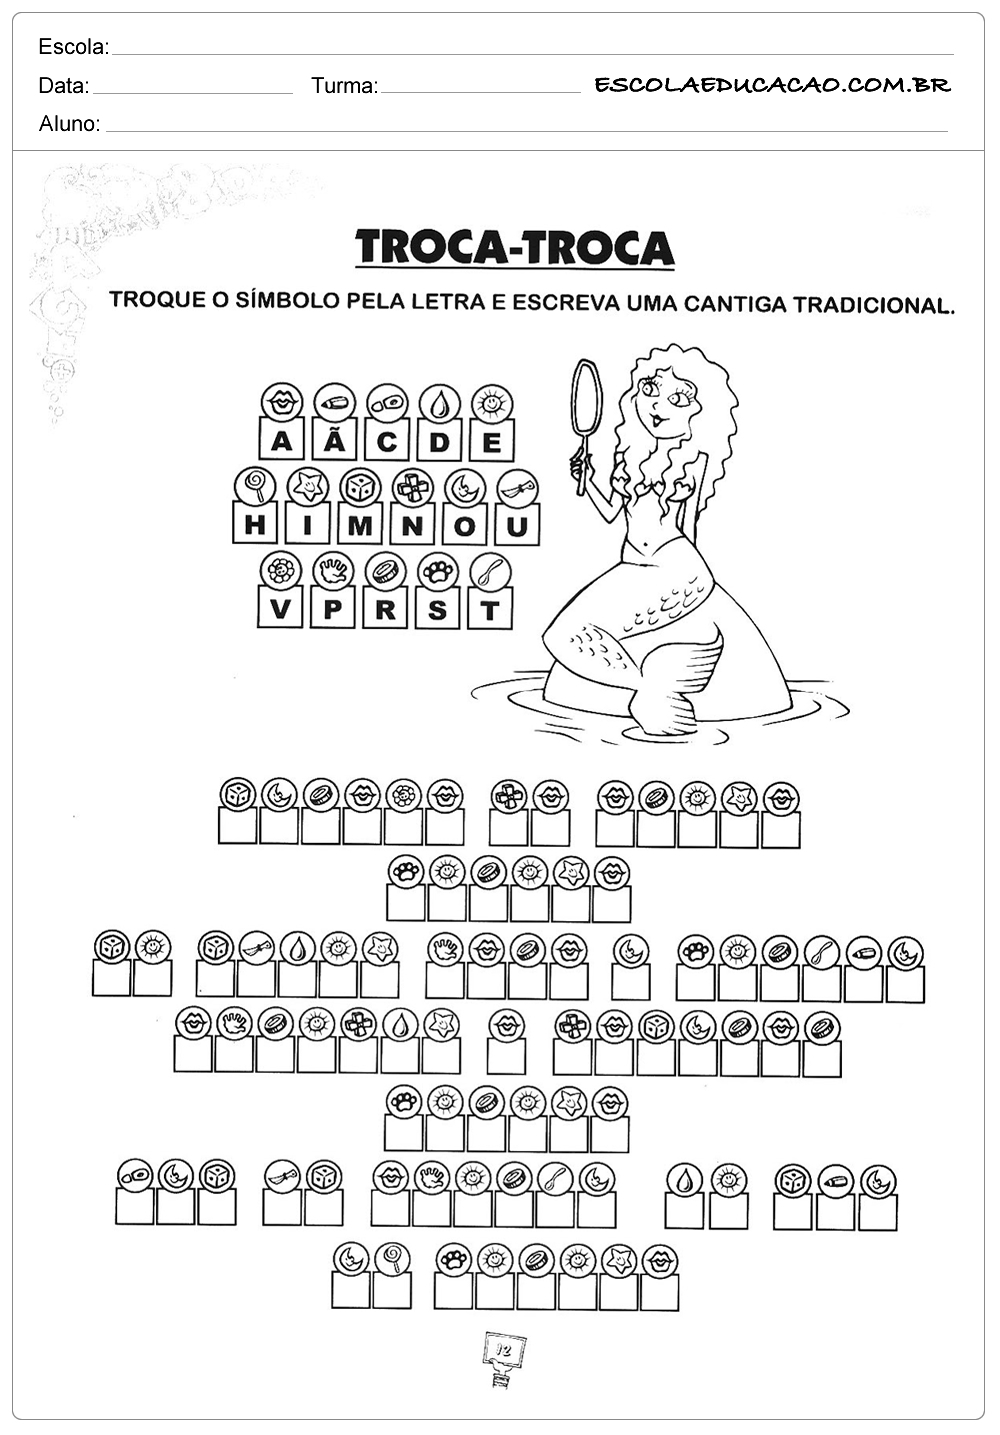 Troca Troca